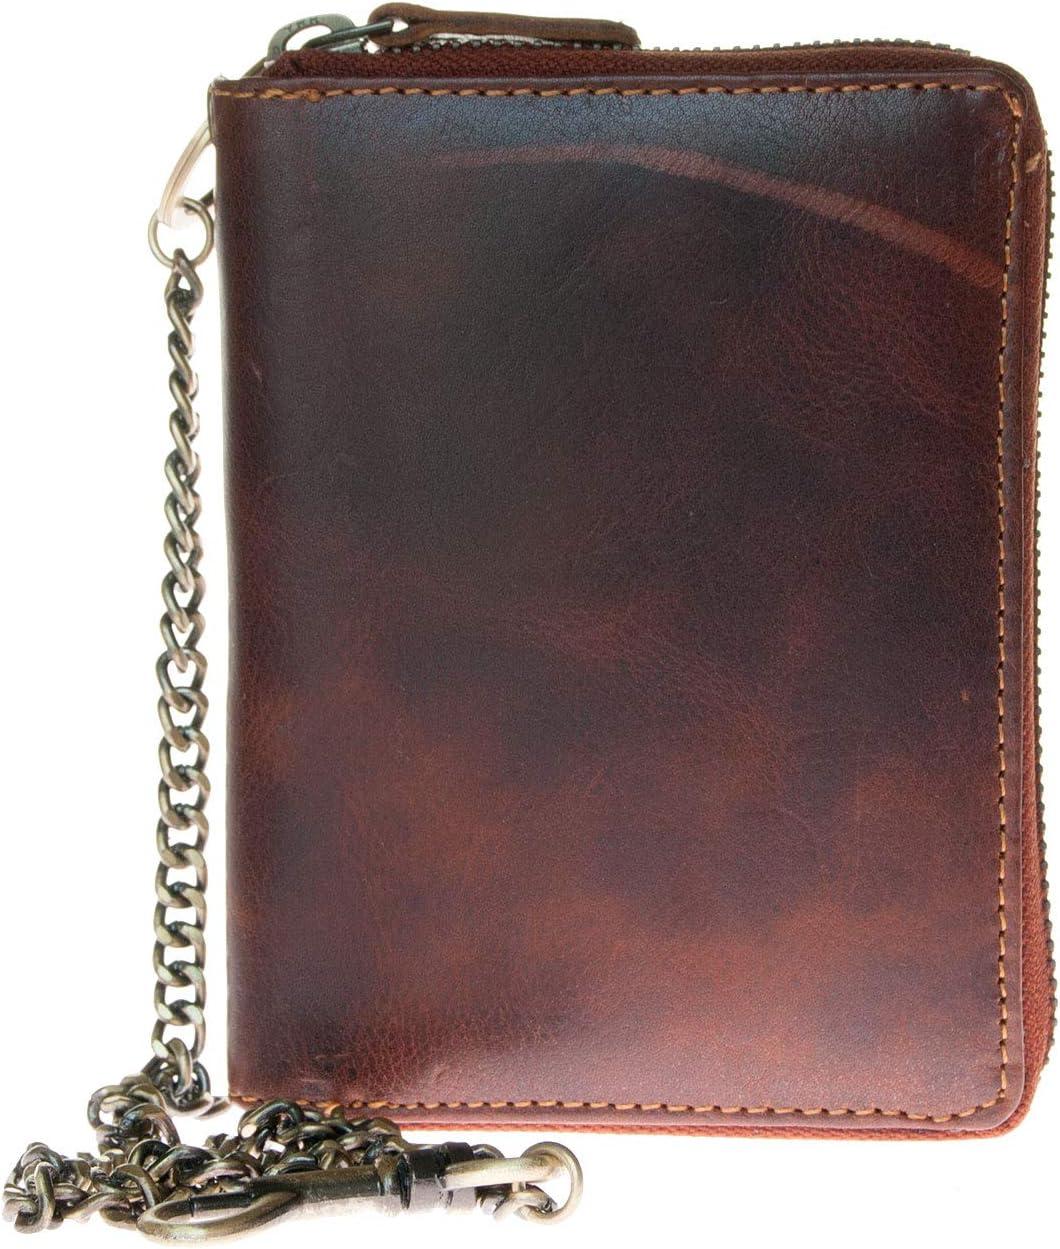 Men's Biker's Metal Zip-around Genuine Leather Wallet with Metal Chain to Hang